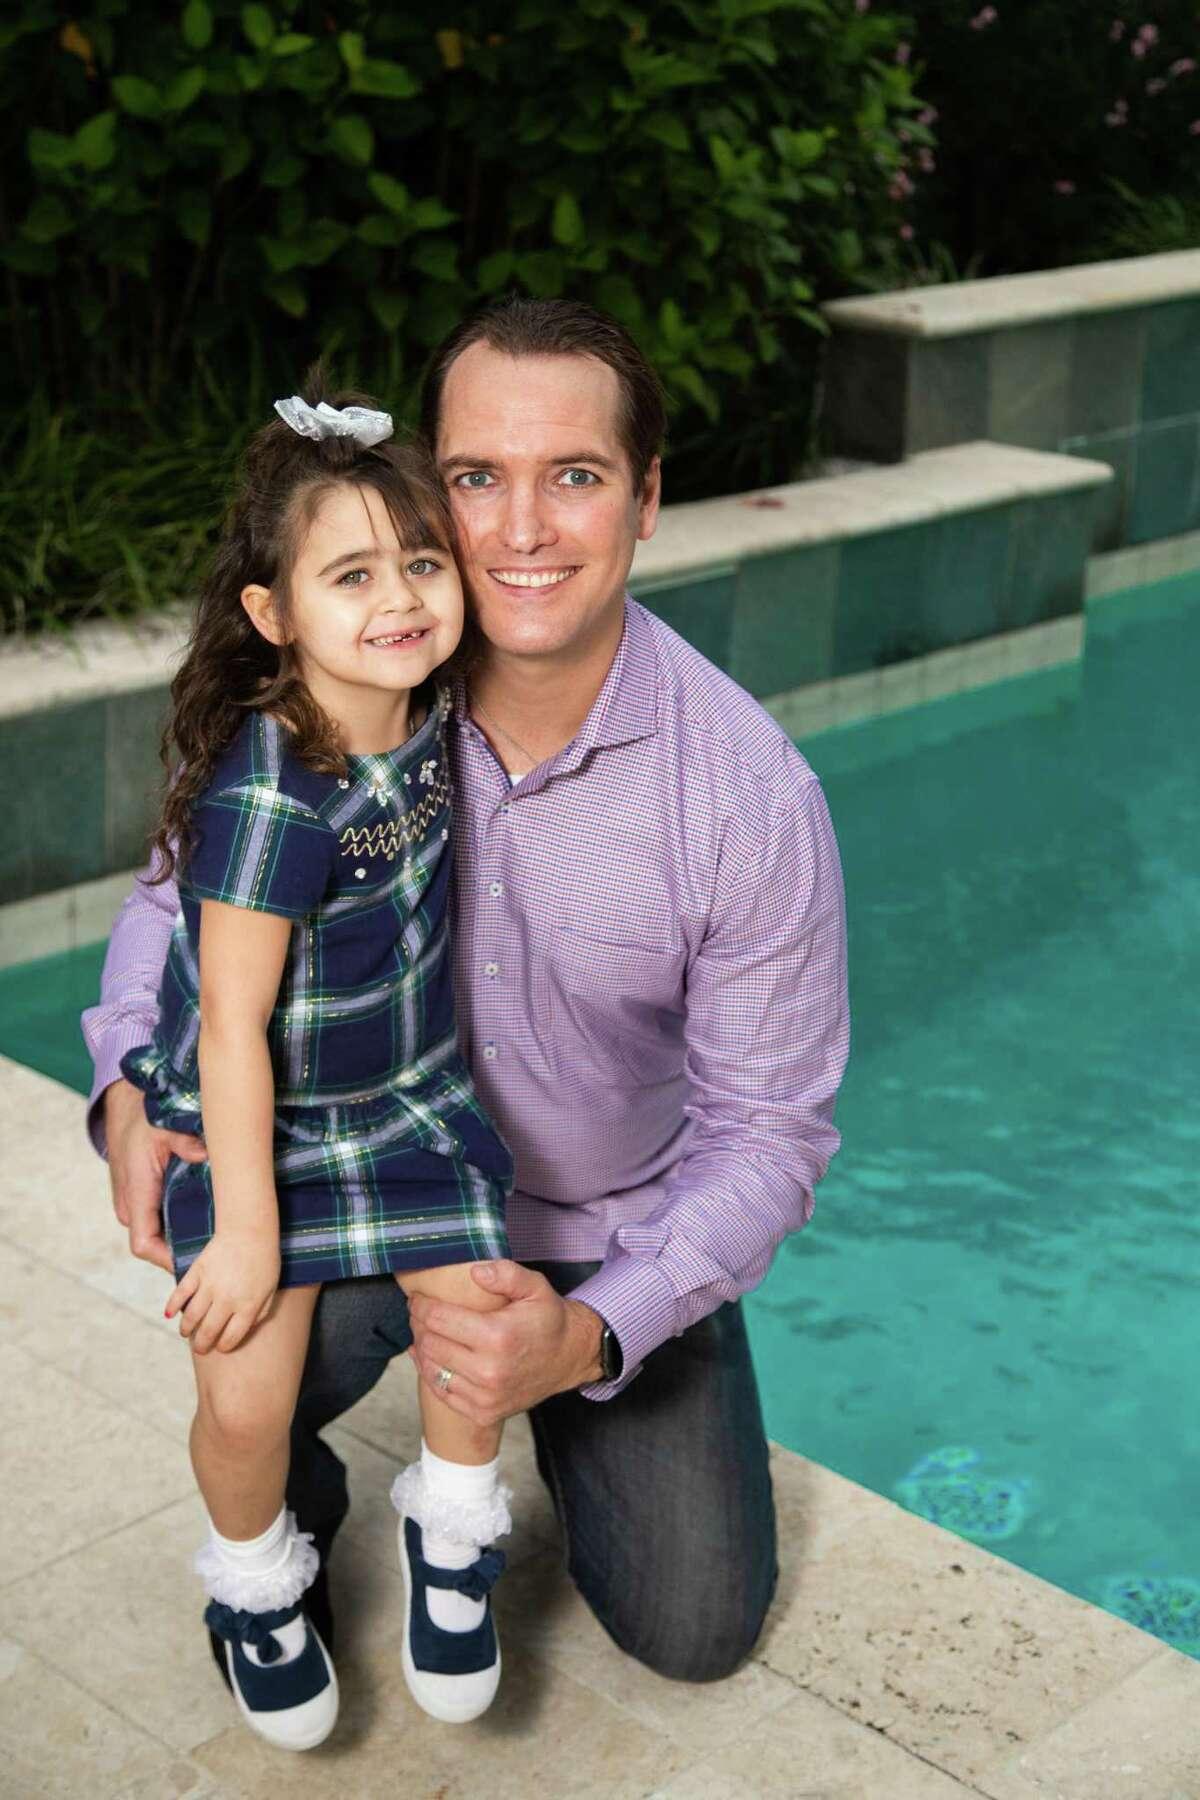 Reed Looper with his adoptive daughter Sadie Looper, 5.